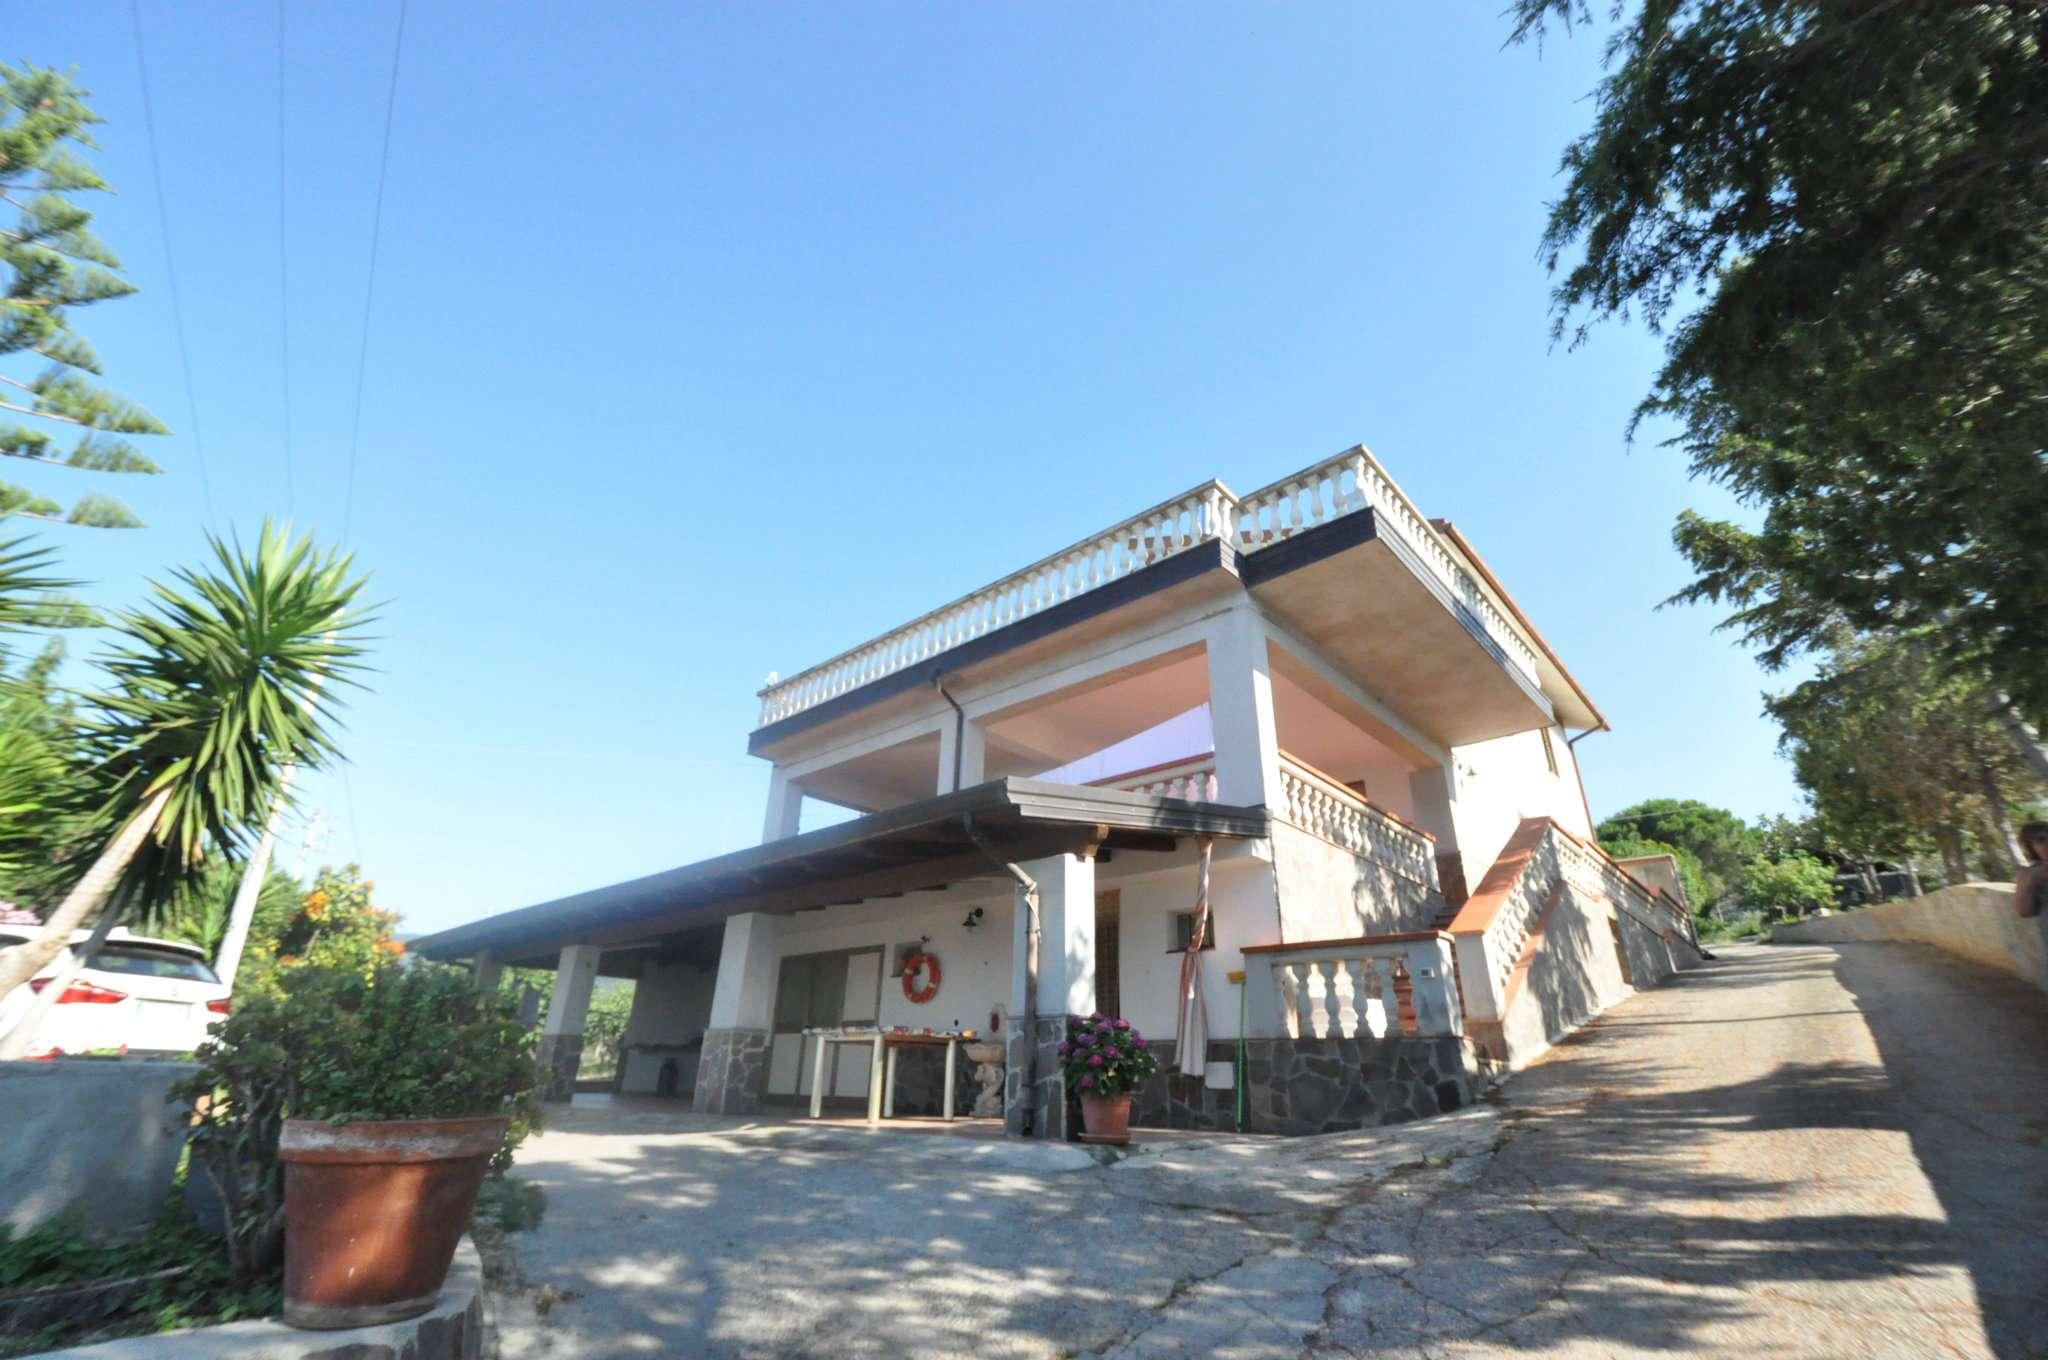 Villa in Vendita a Caronia: 5 locali, 150 mq